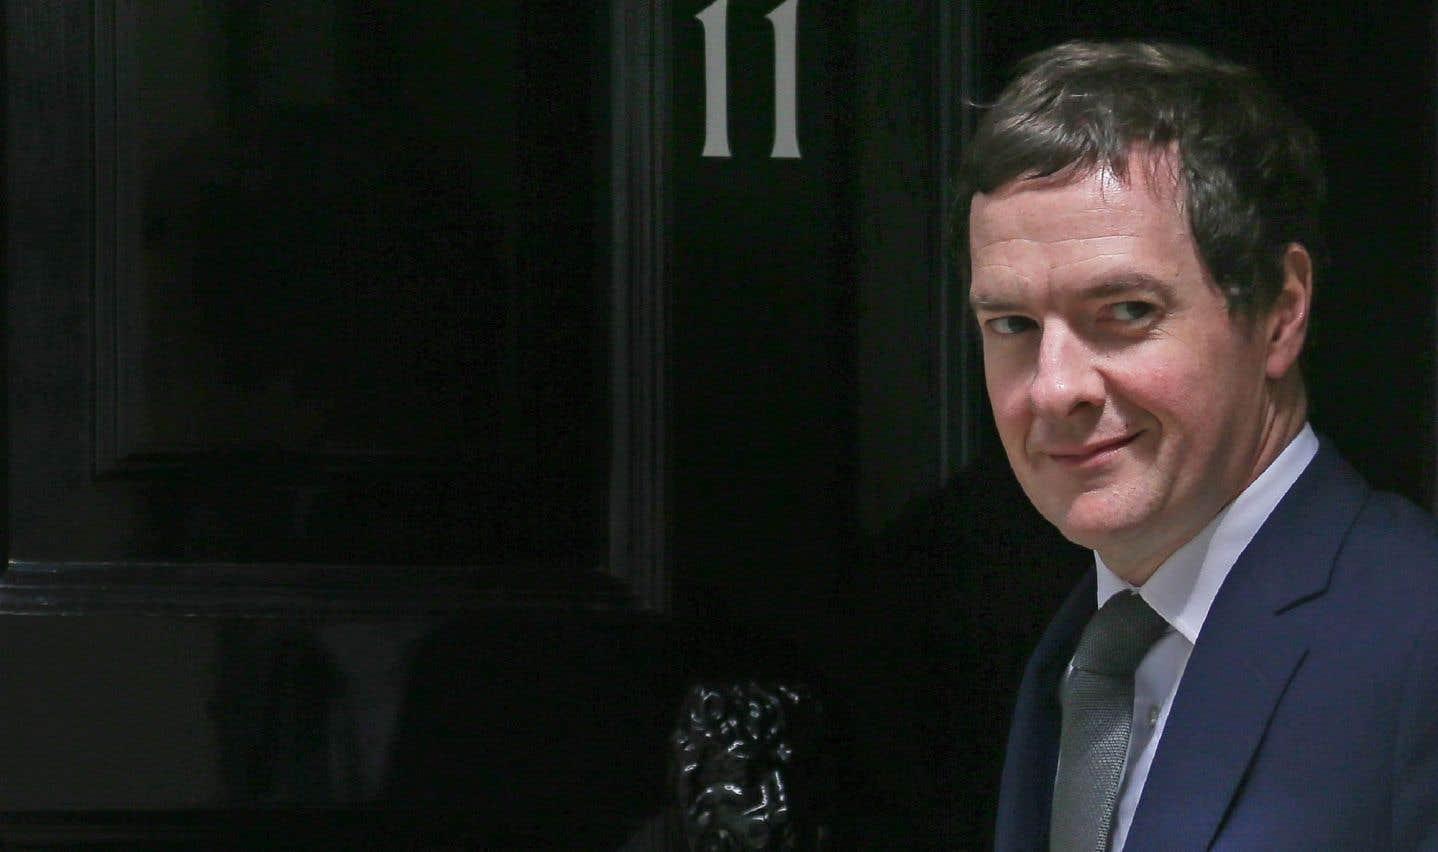 Le ministre britannique des Finances veut réduire l'impôt sur les sociétés